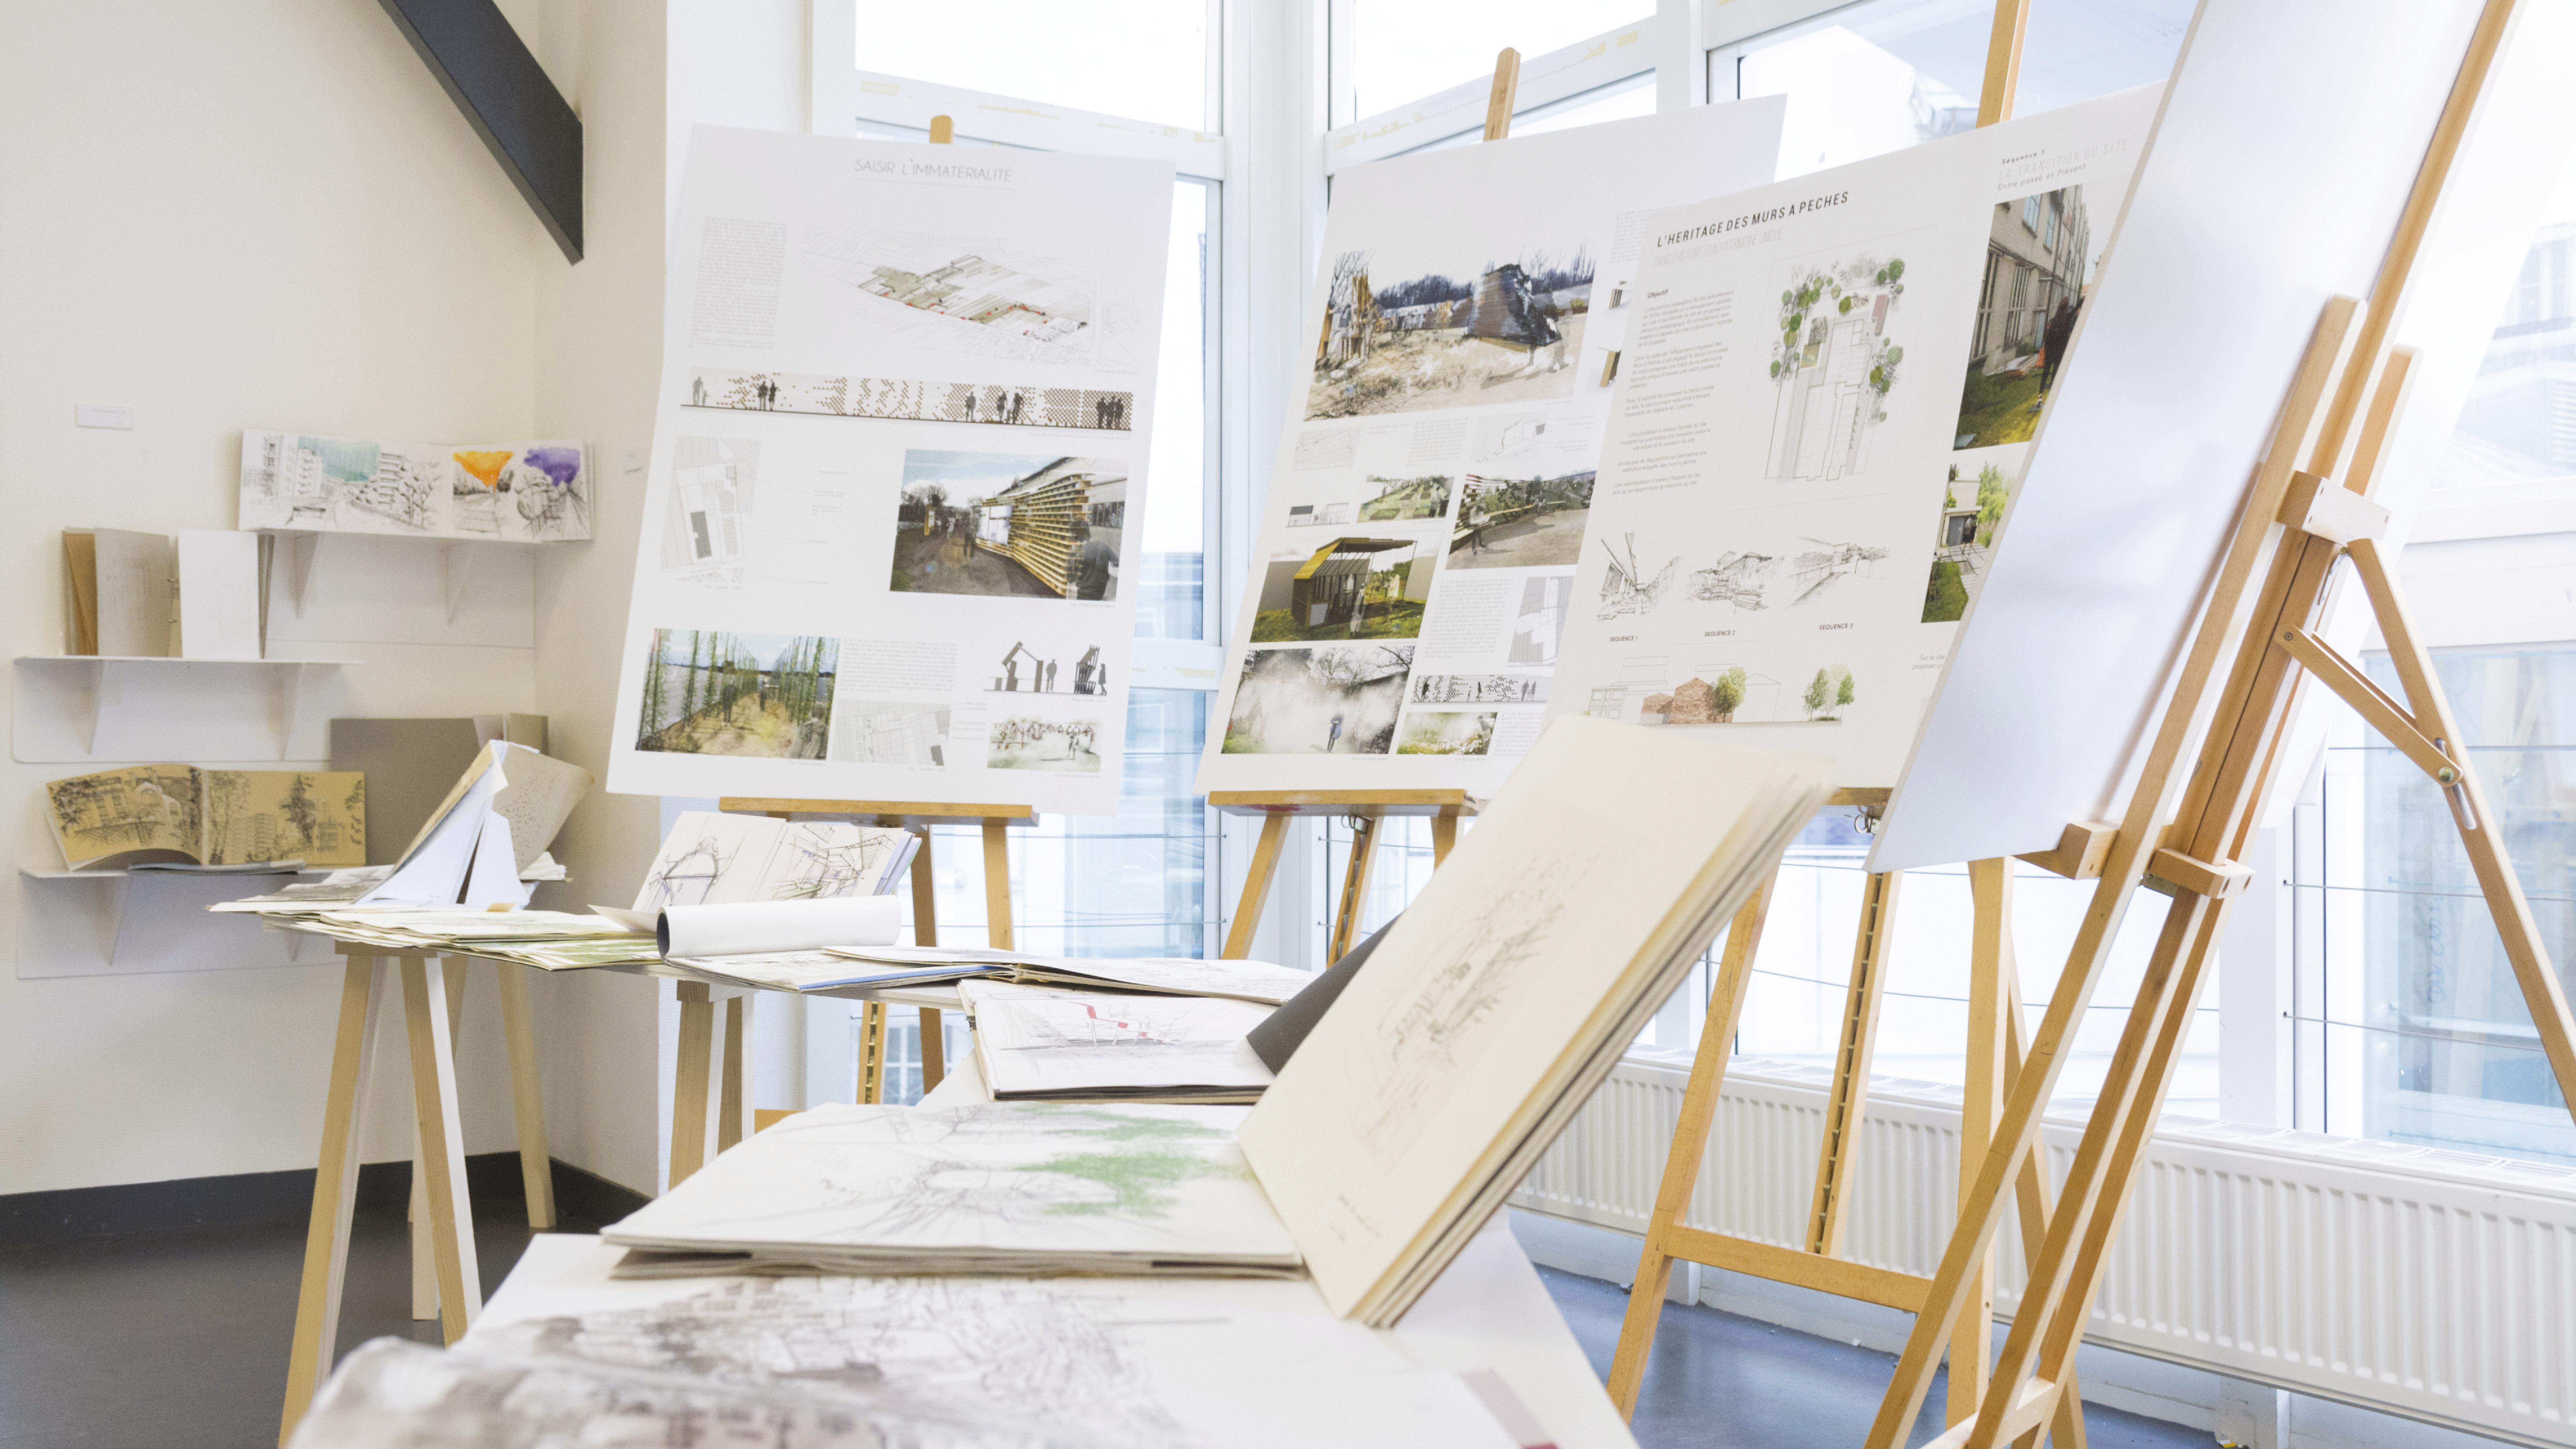 Ecole De Design Annecy bachelor design d'espace - architecture intérieure - ecole